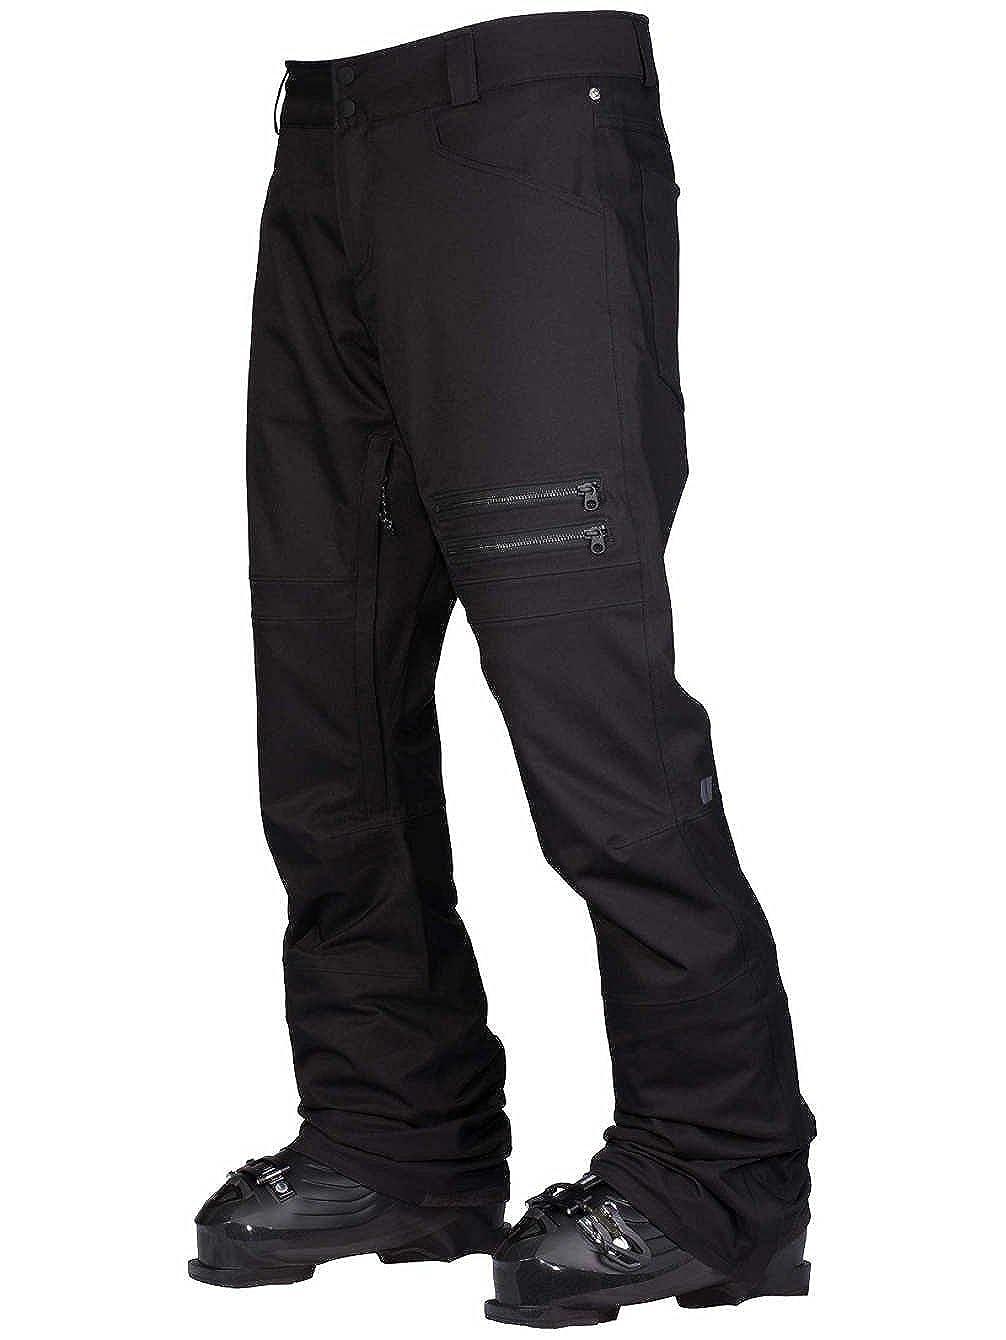 アルマダ アトモア ストレッチパンツ メンズ B07DQMWHJK  ブラック Large